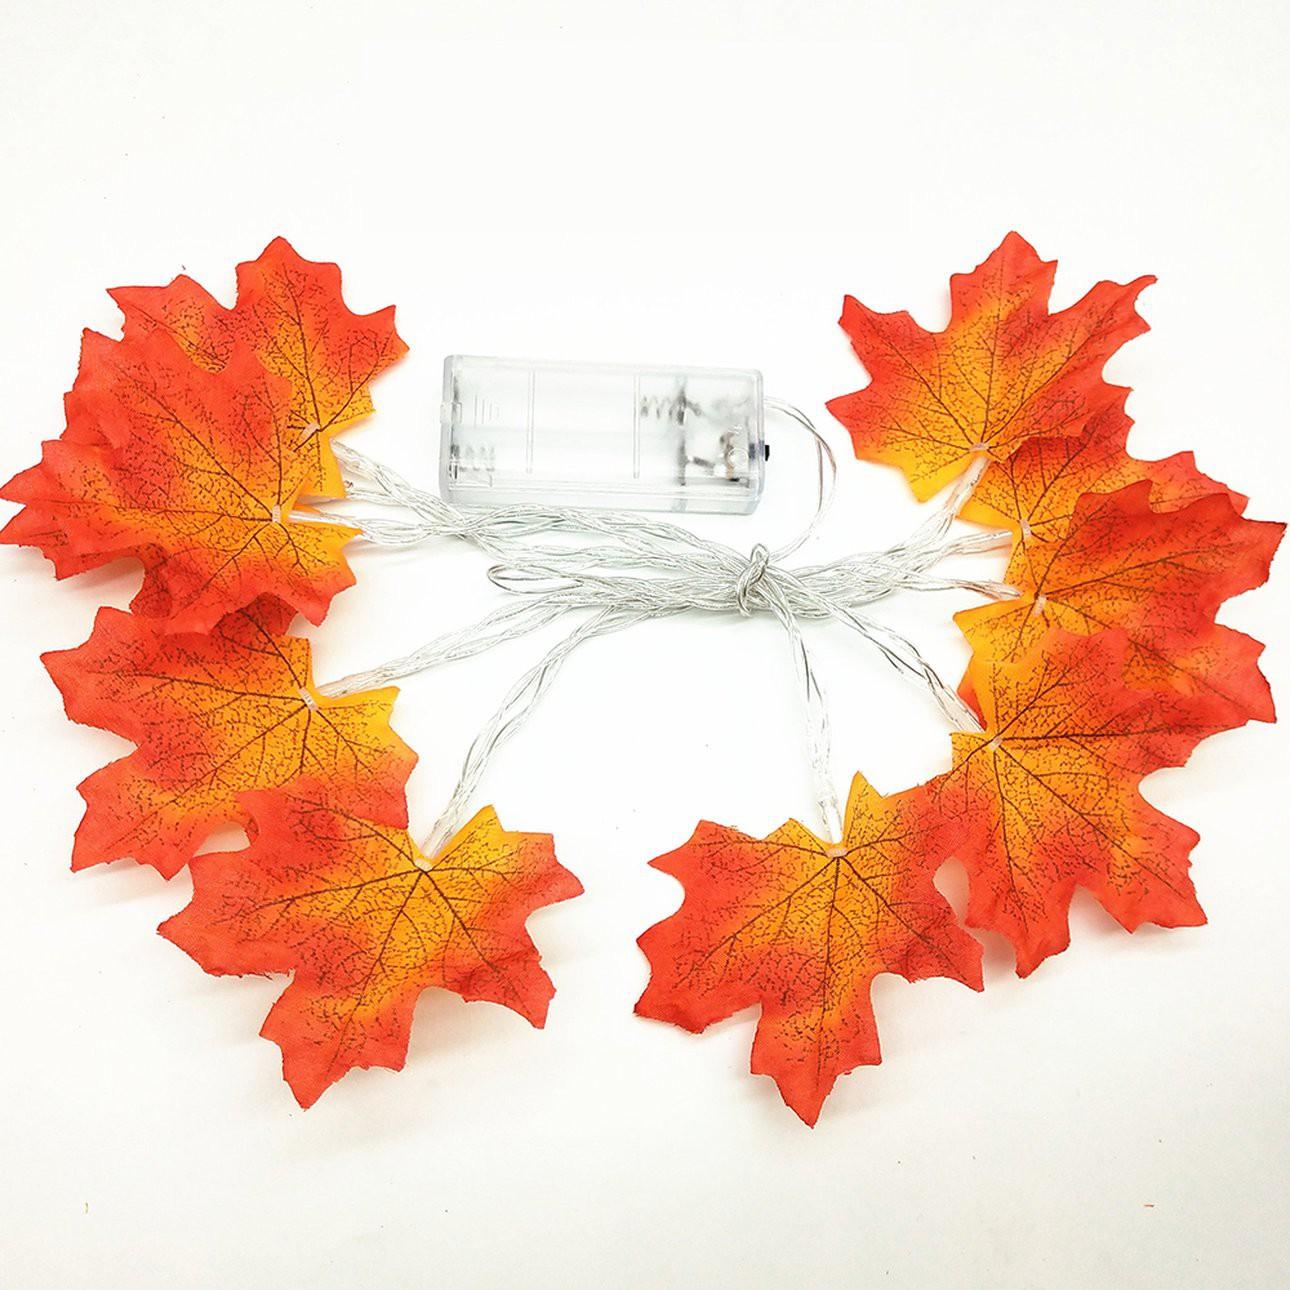 更多 Led 楓葉藤製人造花家庭聚會裝飾 Diy 工藝